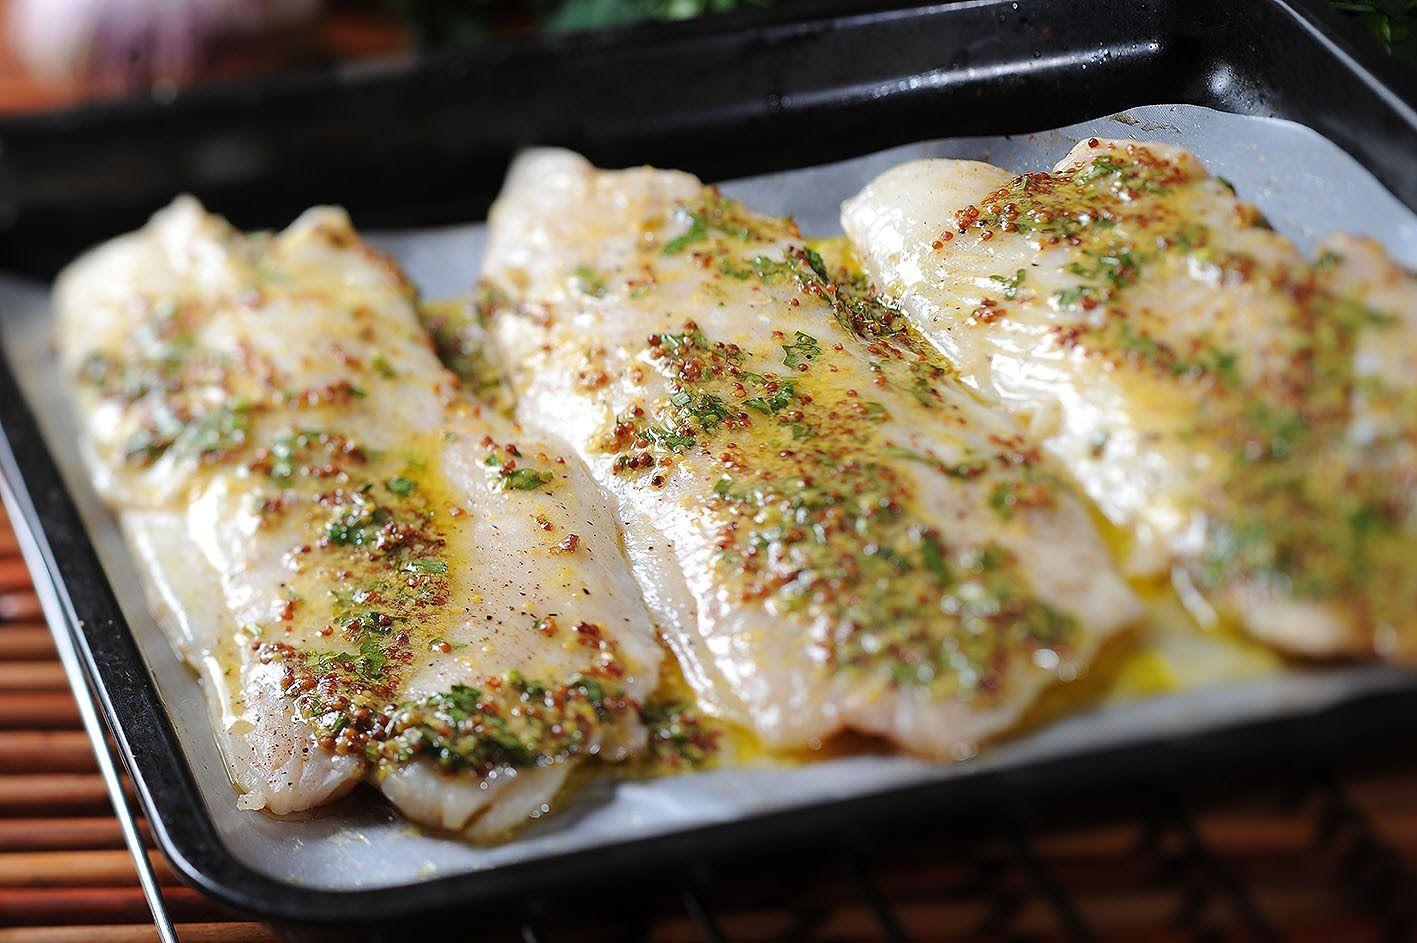 Filete de pescado al horno a la mostaza pasteleria - Cocinar merluza al horno ...